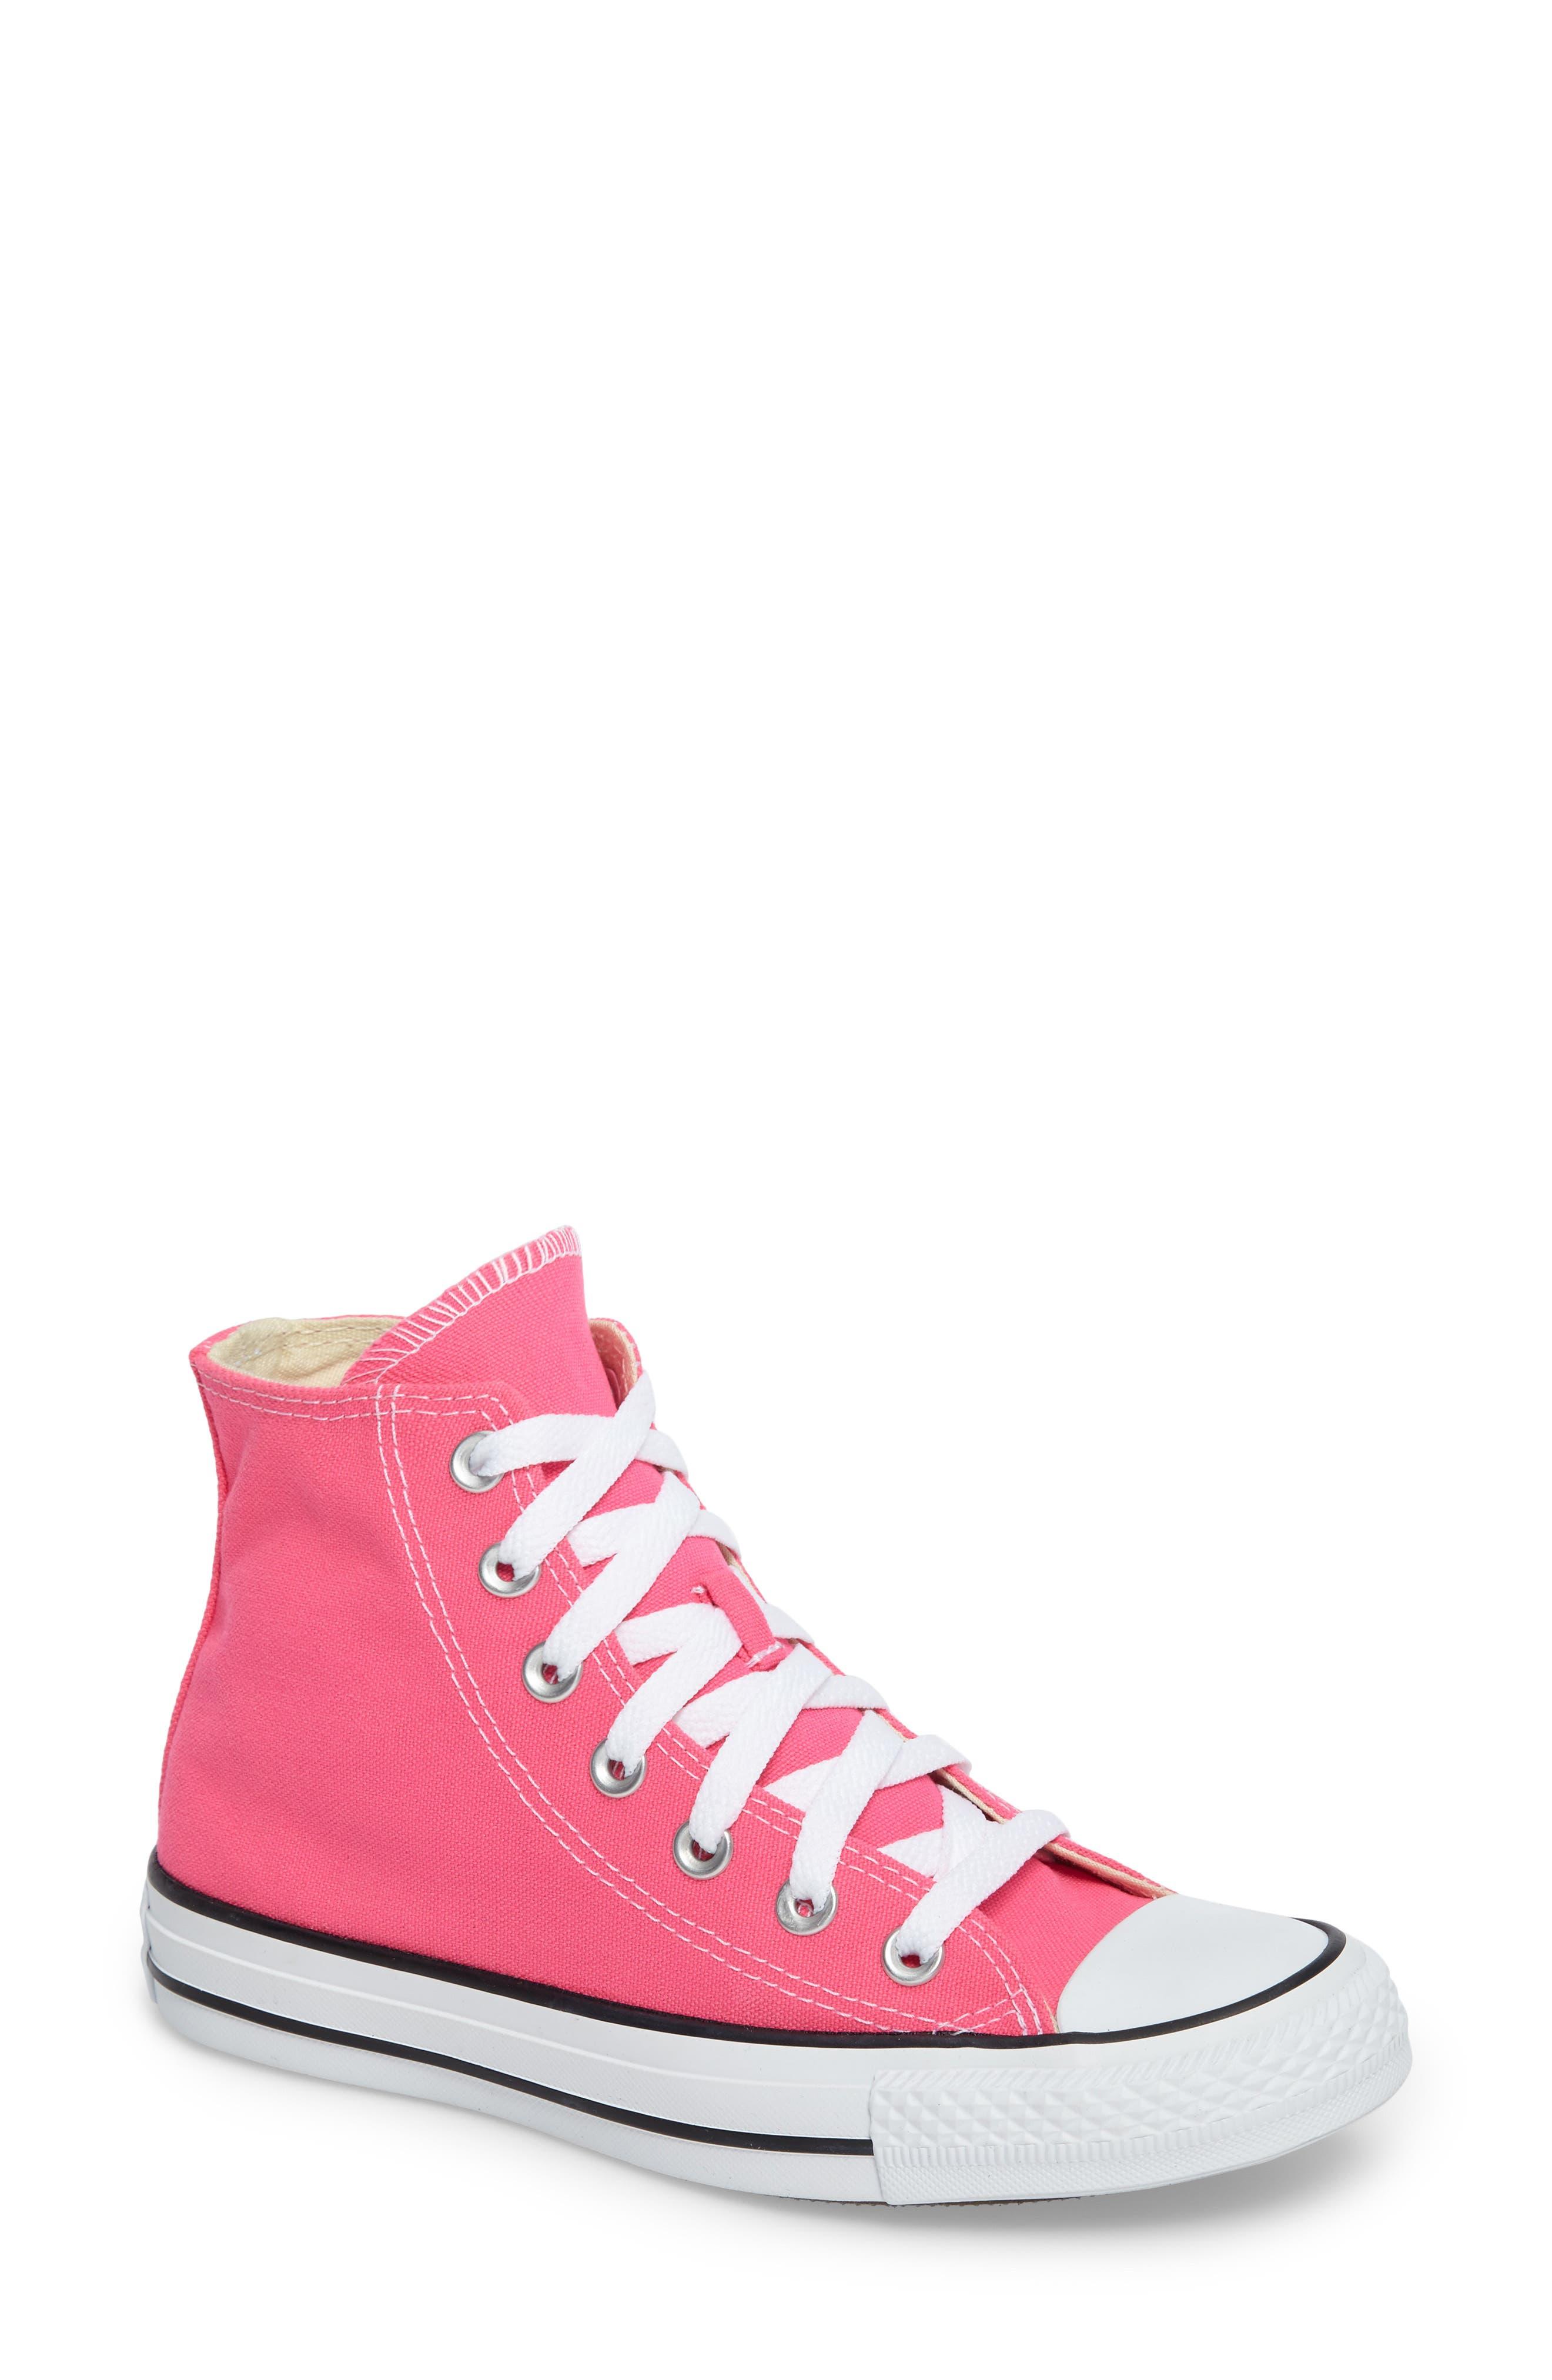 Main Image - Converse Chuck Taylor® All Star® Seasonal Hi Sneaker (Women)